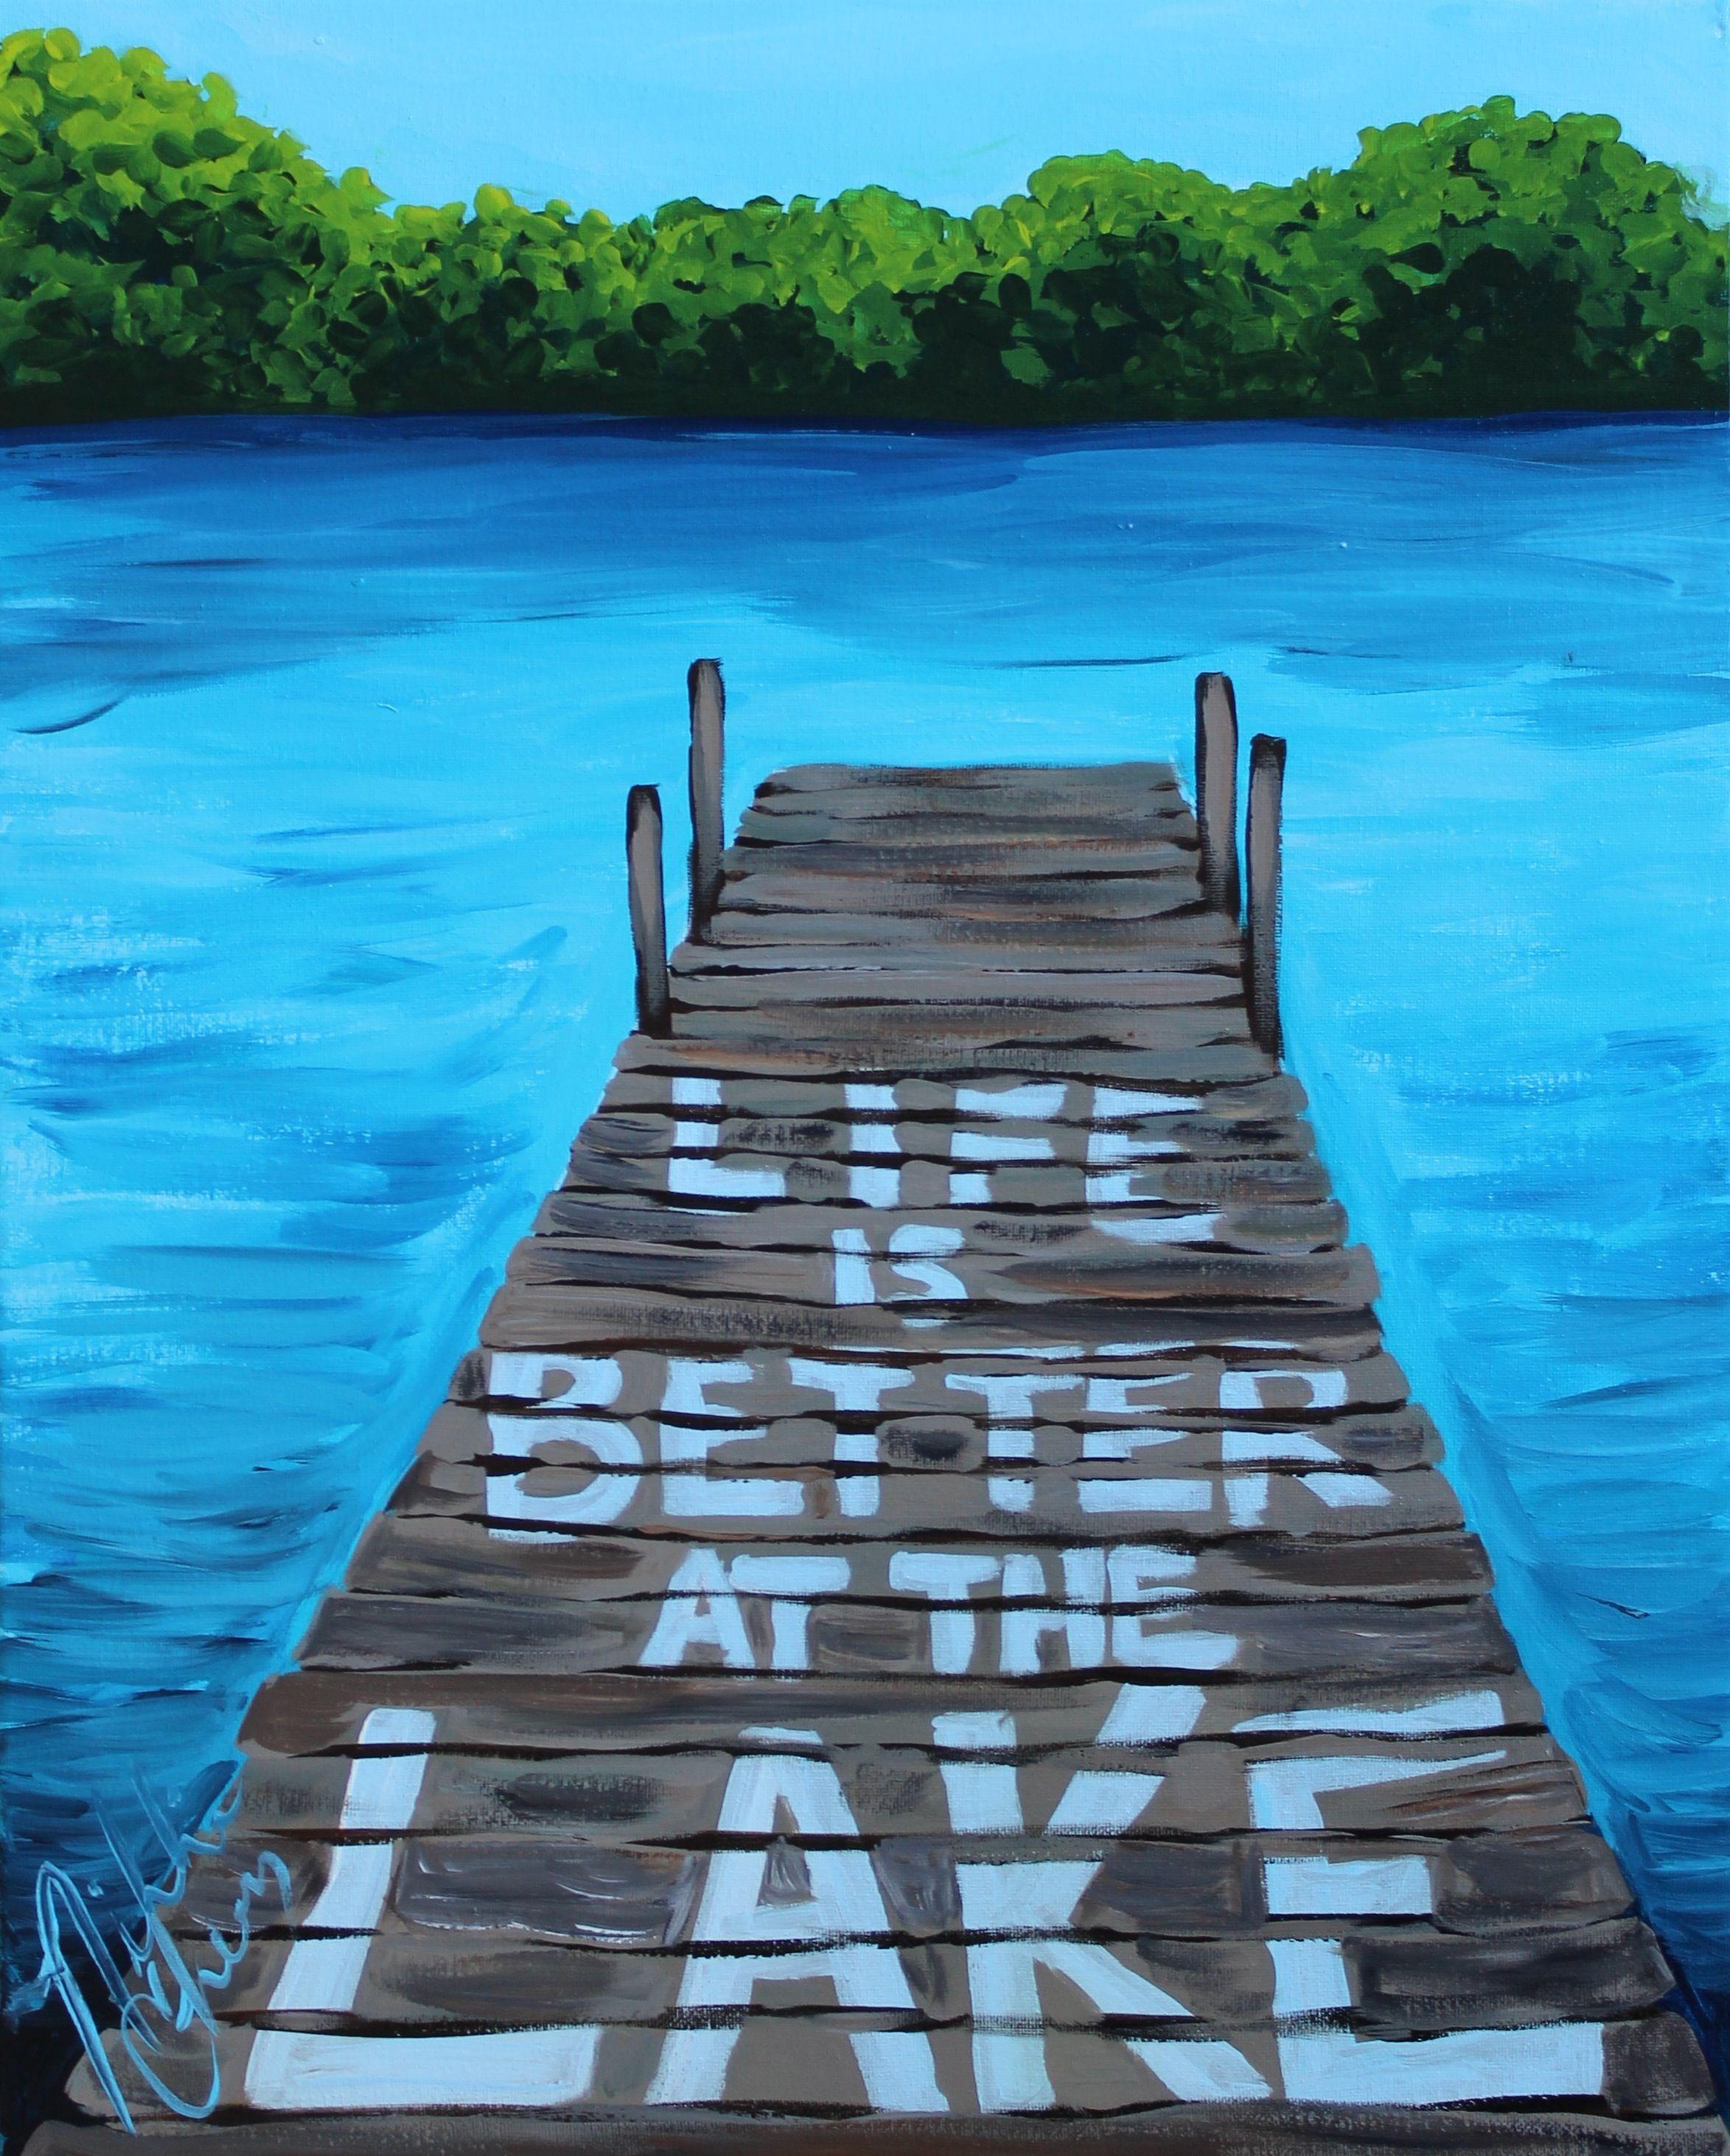 Lake Painting Art By Nikki Cherry The Preppy Possum